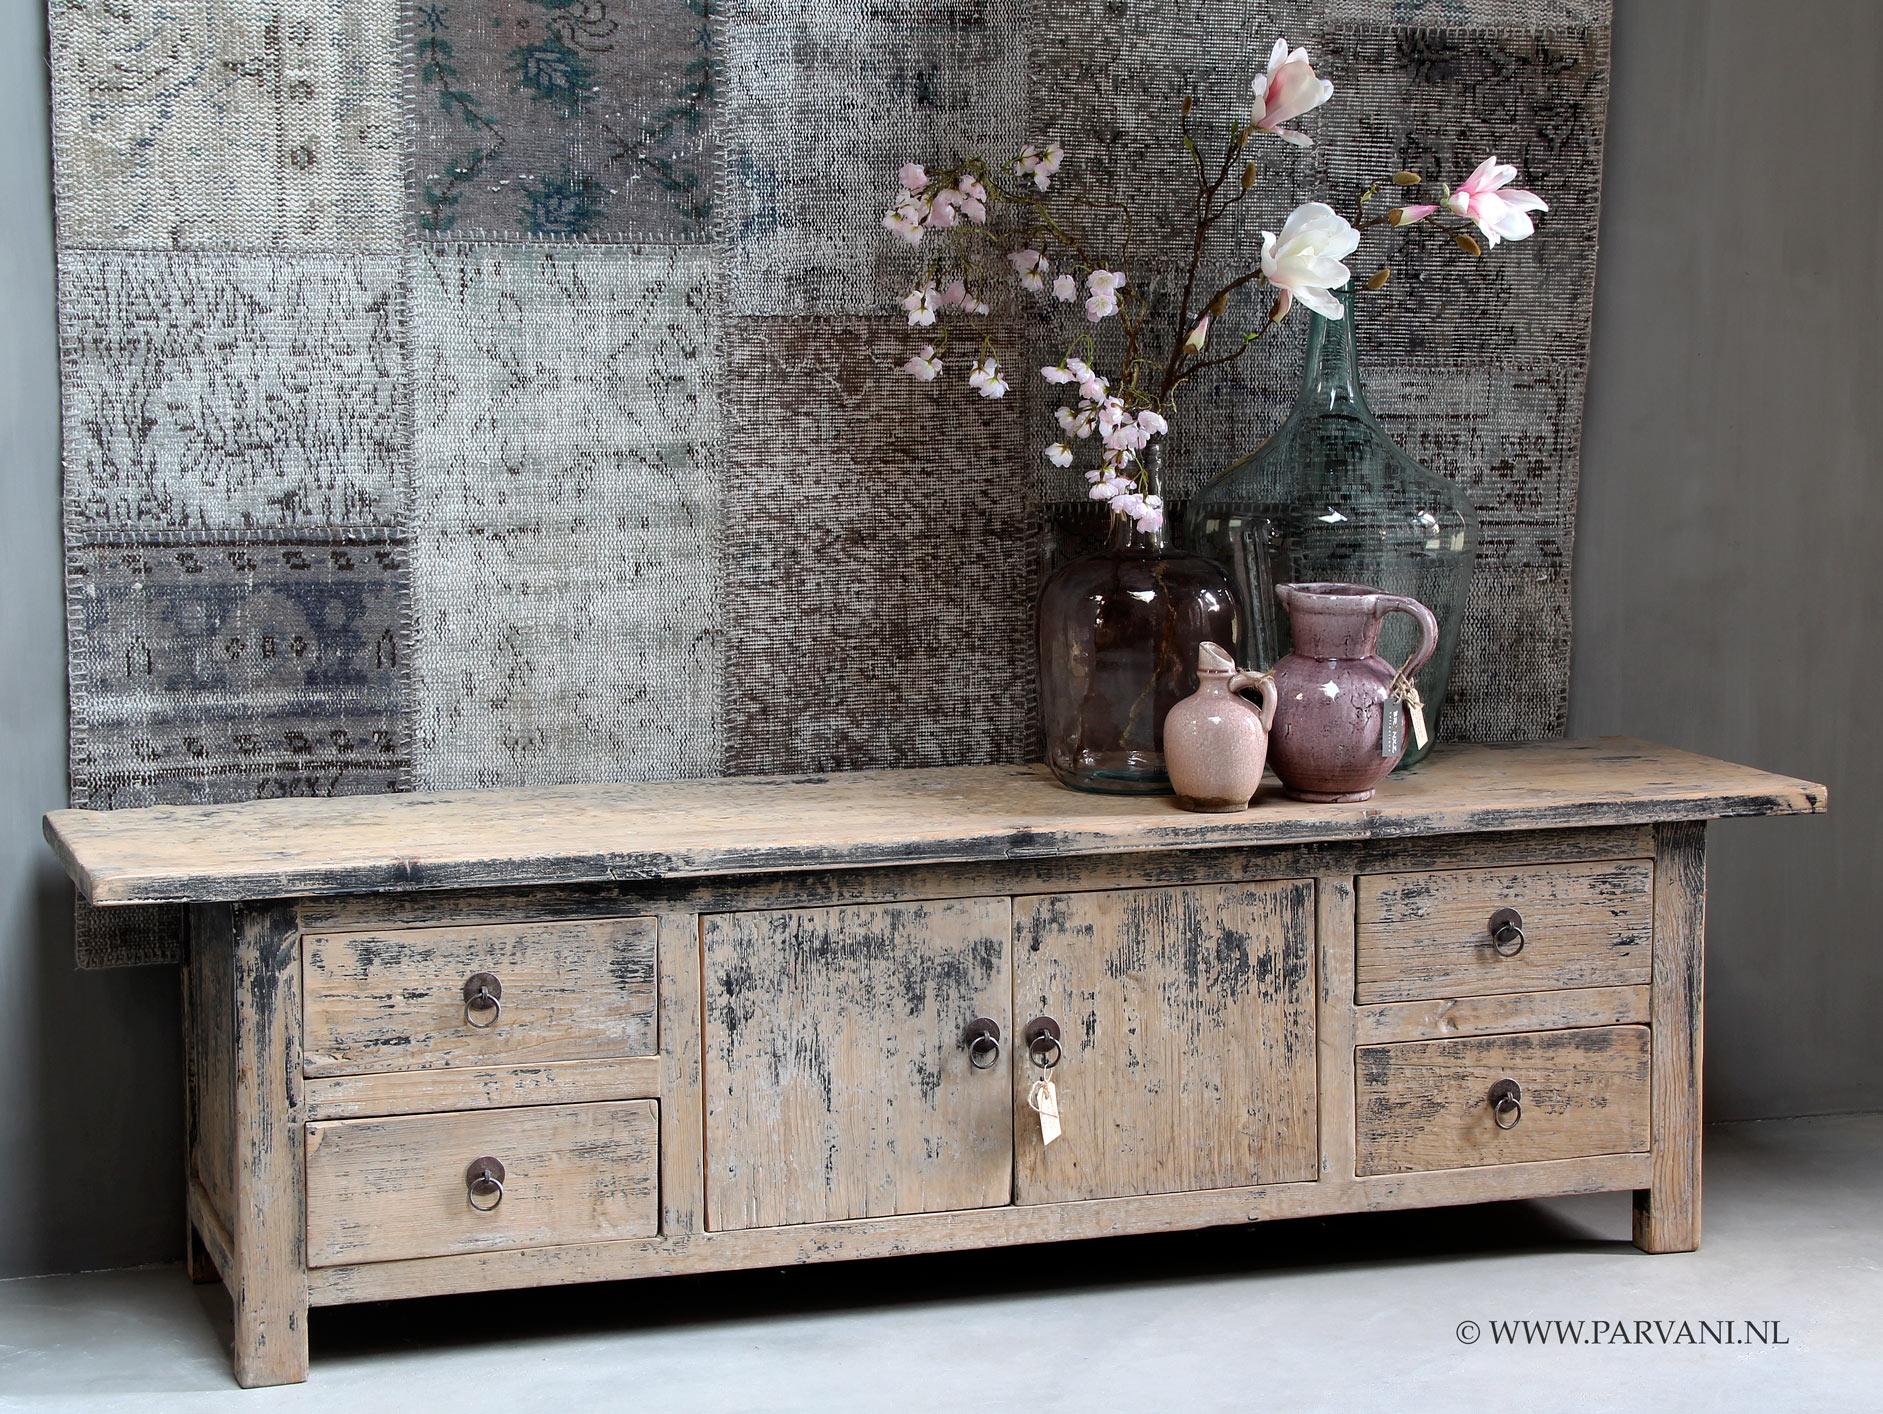 Tv Meubels Hout: Oud houten tv meubel sober hout met brocant label.